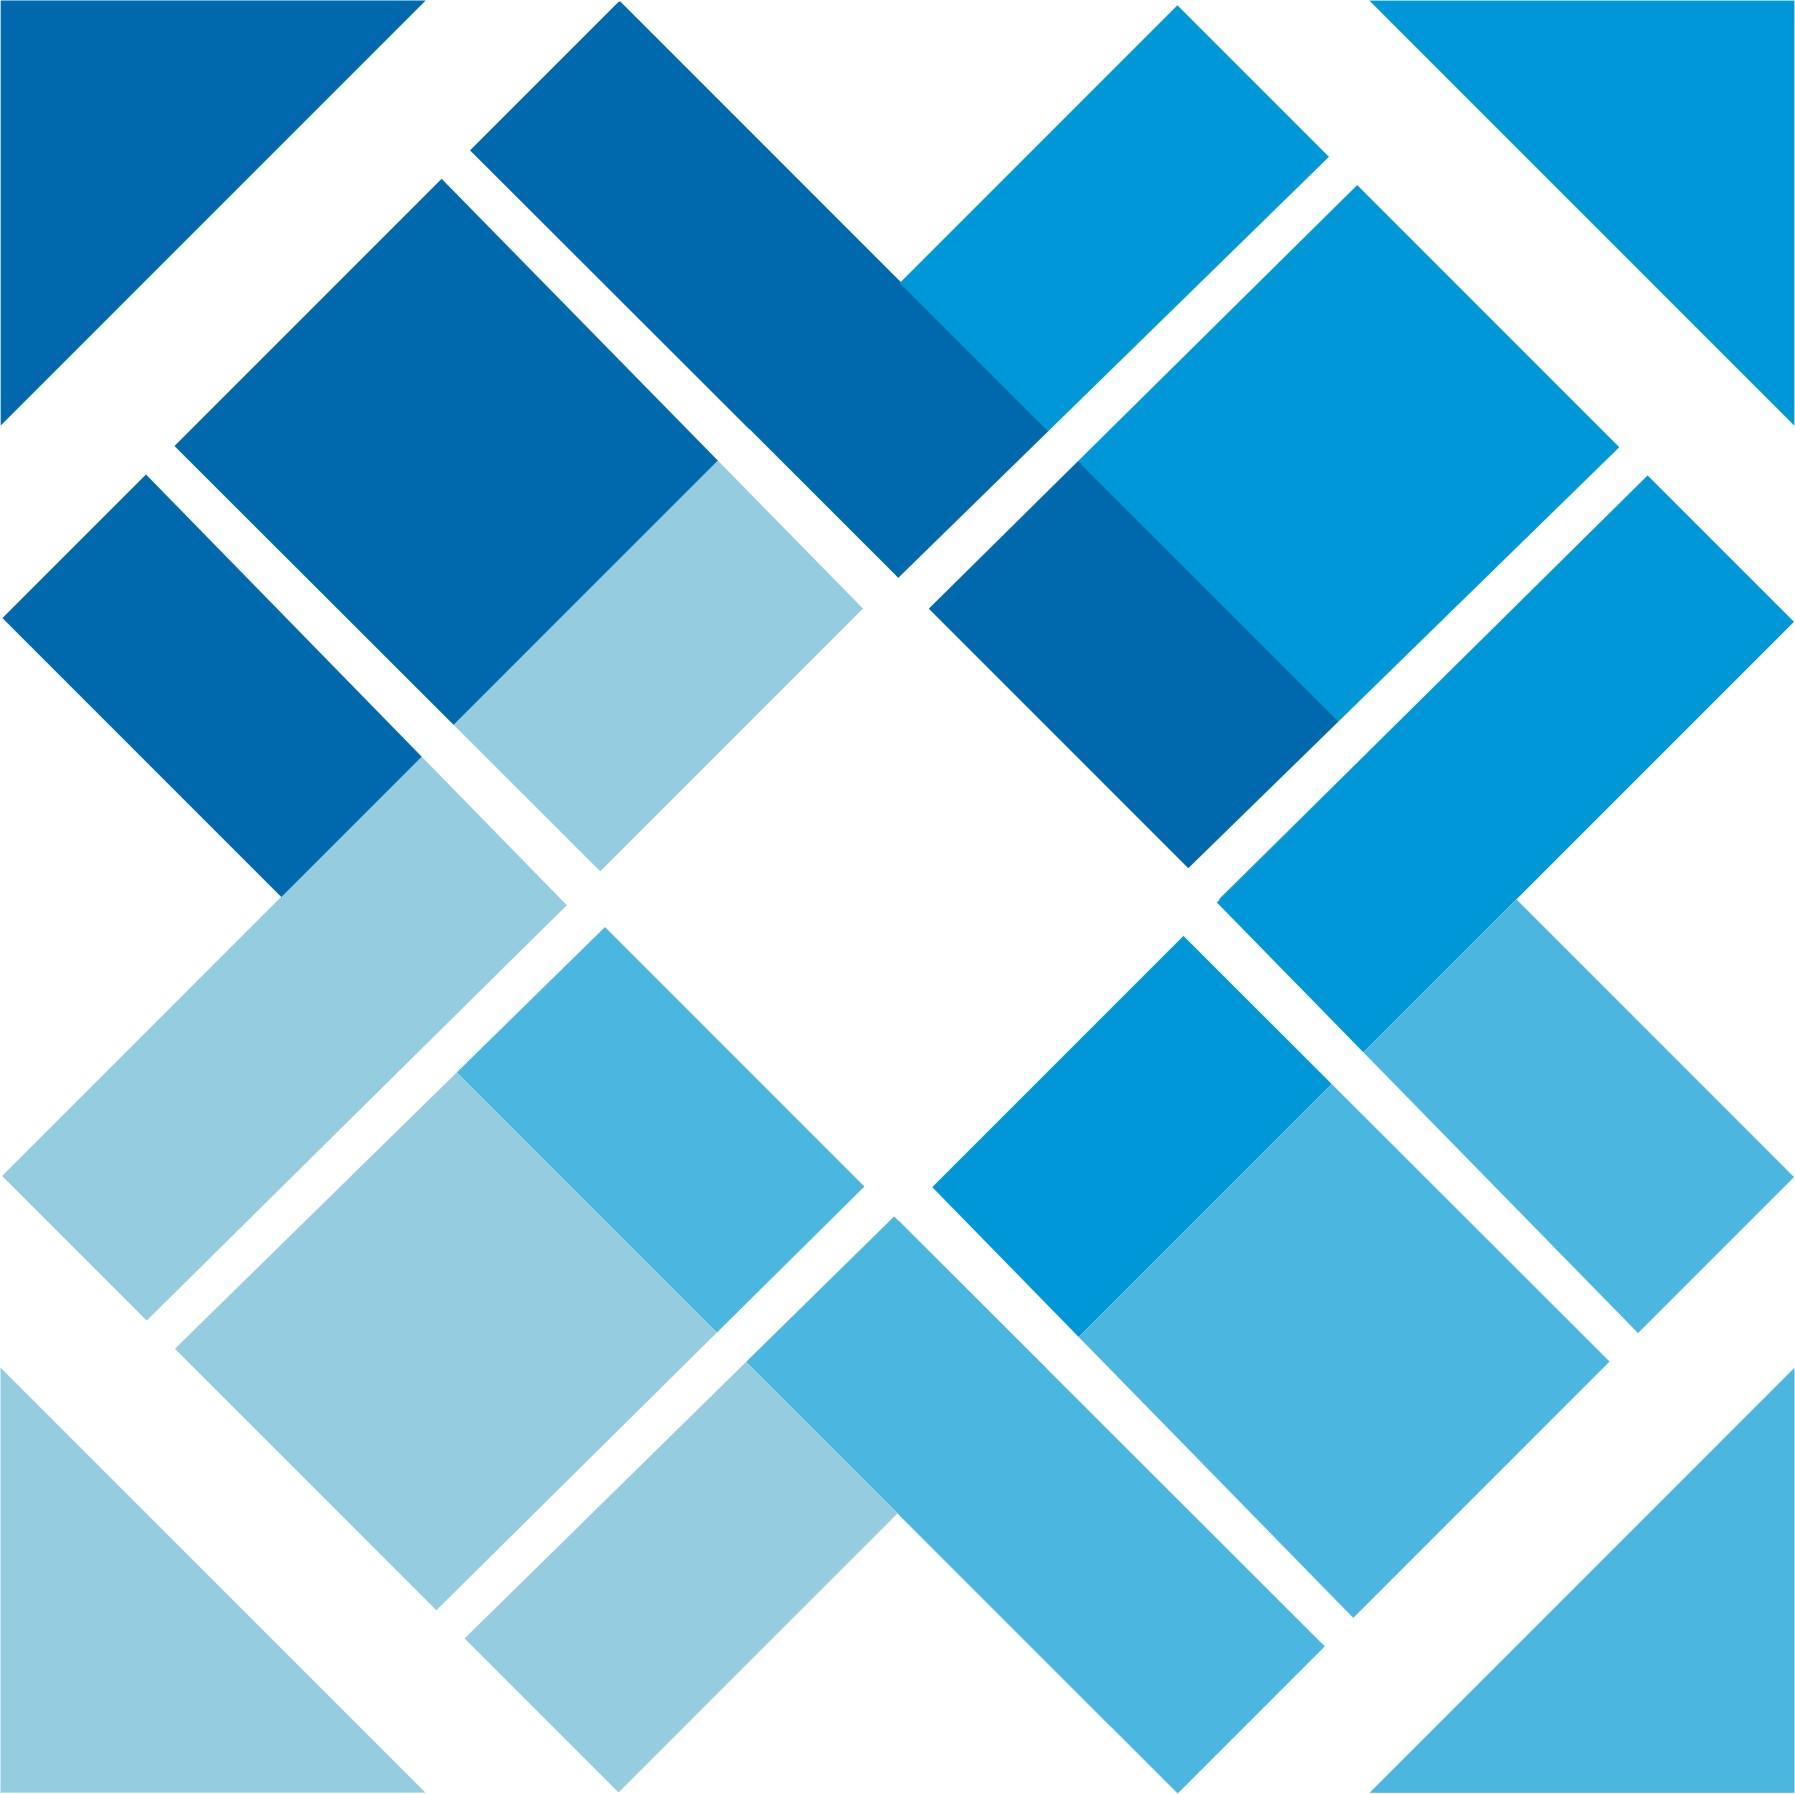 中国美术学院创意产业发展公司